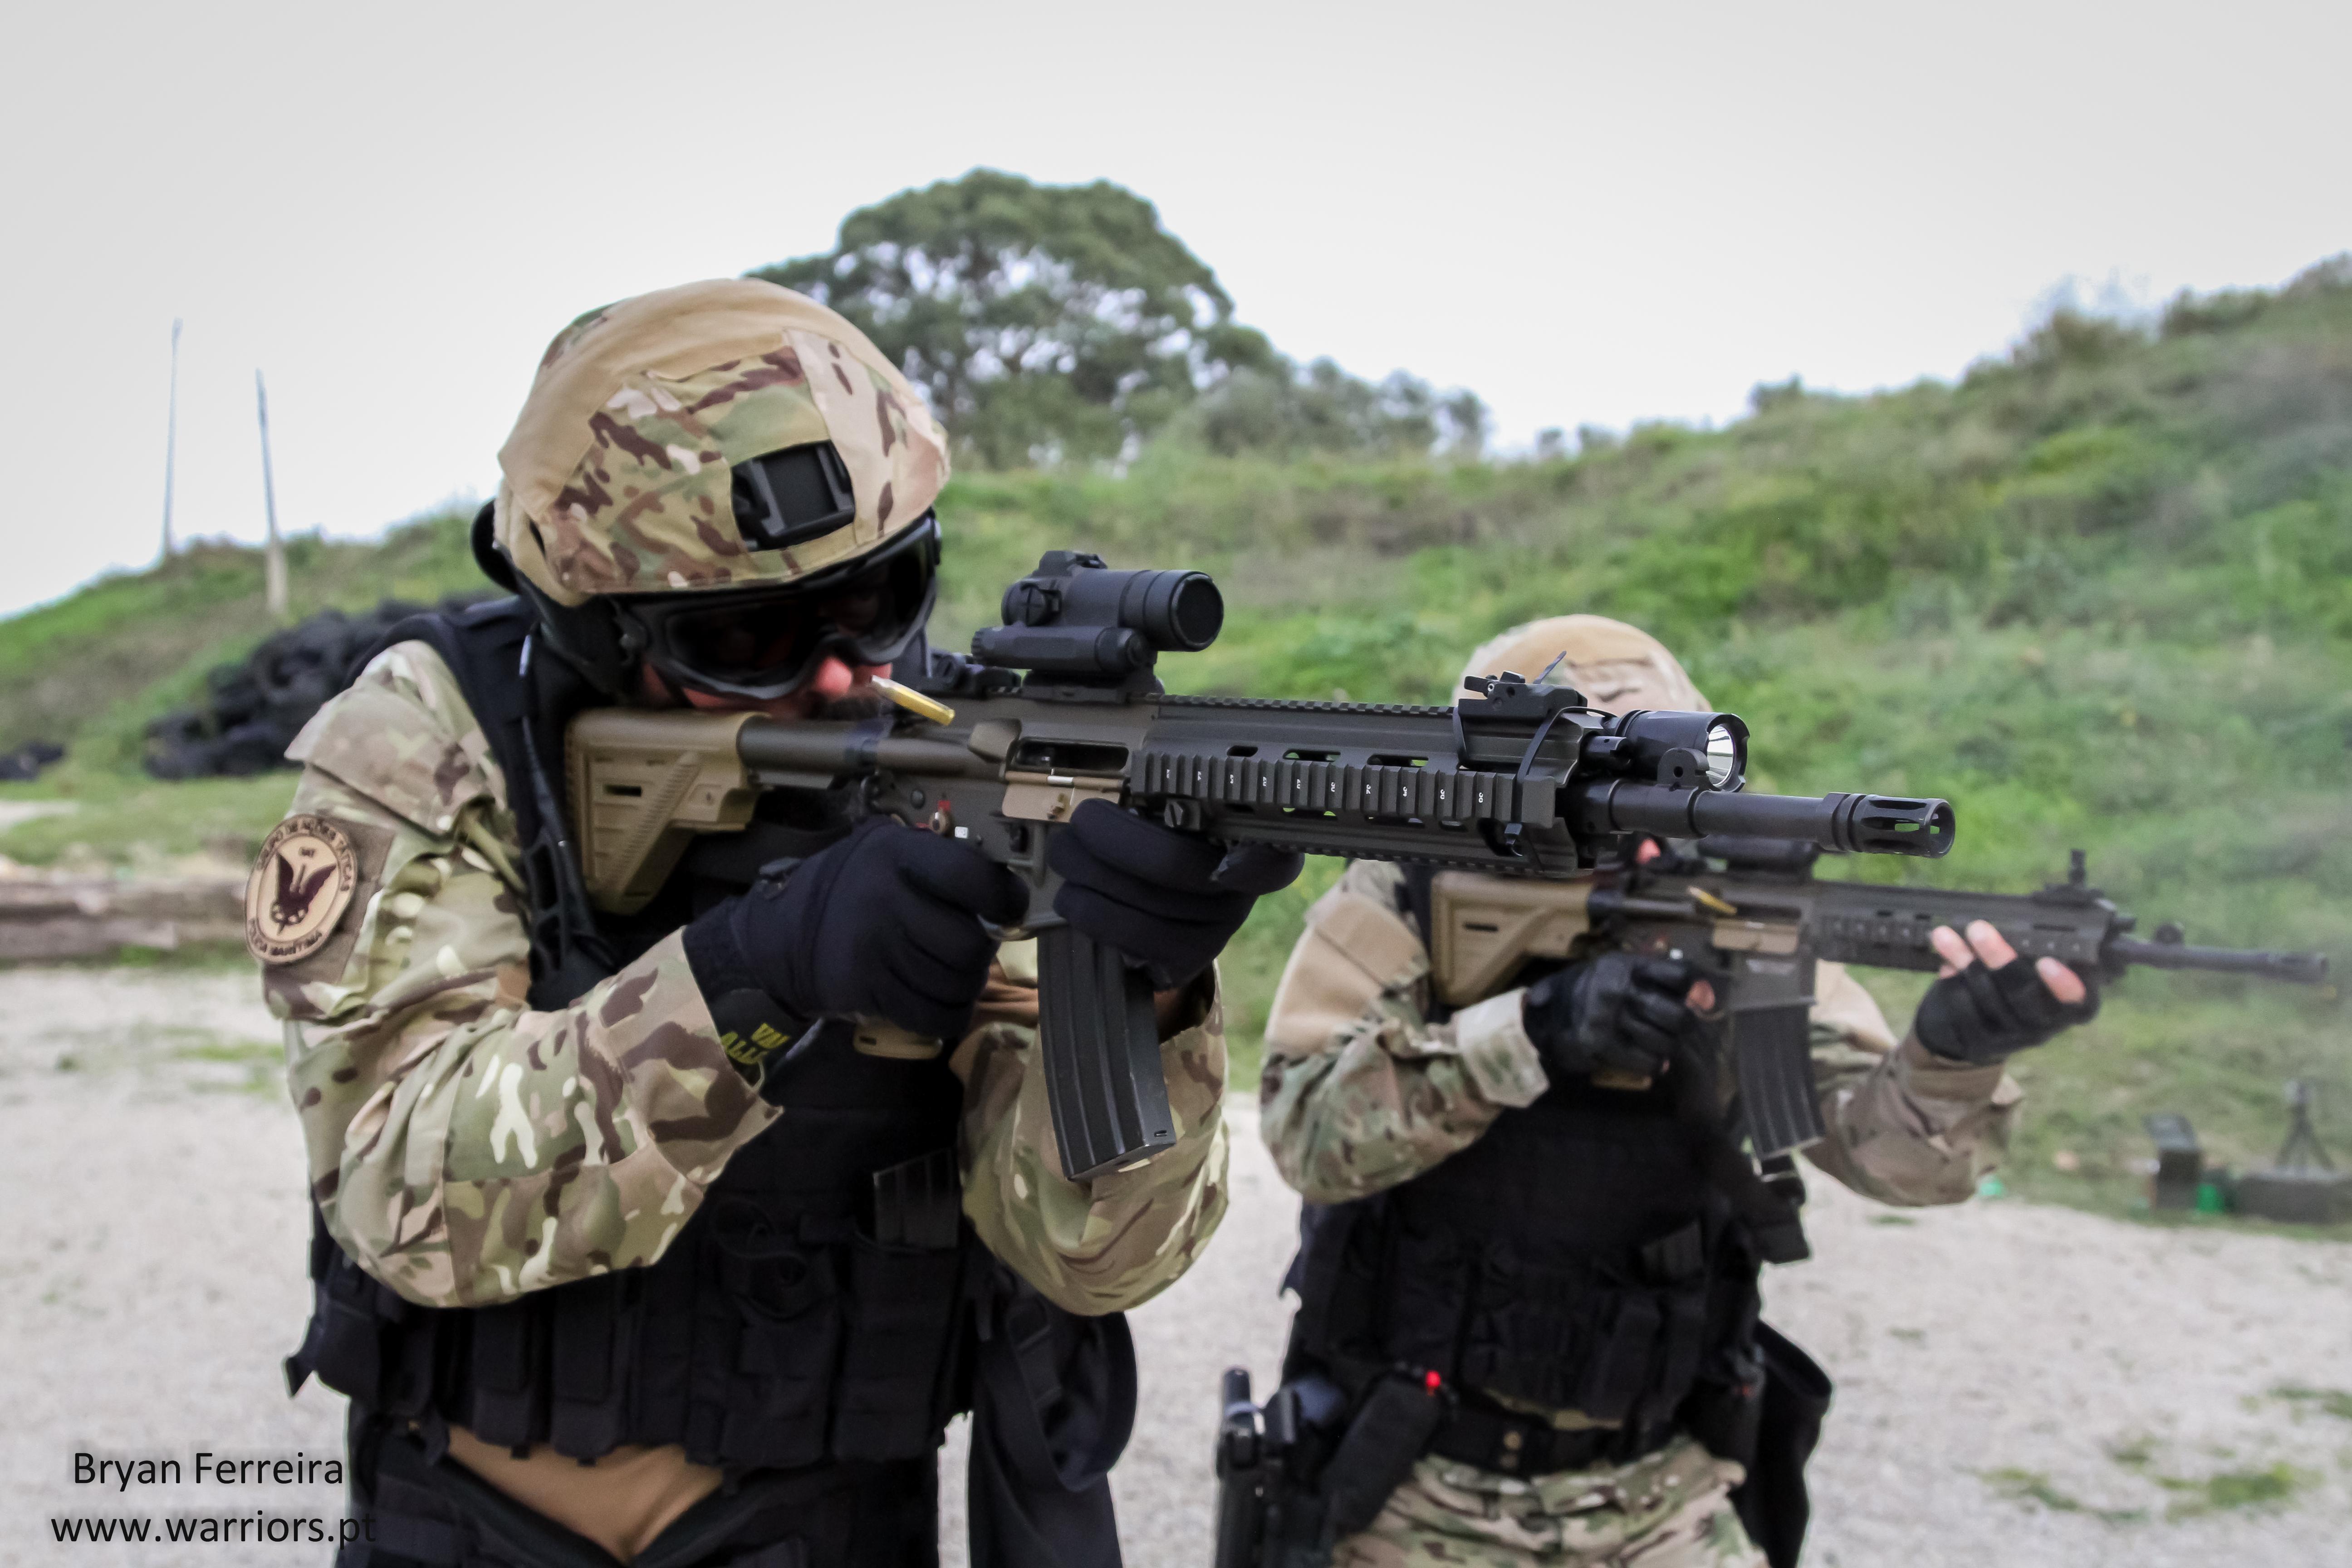 Espingarda de assalto HK416A5 do Grupo de Ações Táticas (GAT) da Polícia Maritima em missão de contra-terrorismo naval.